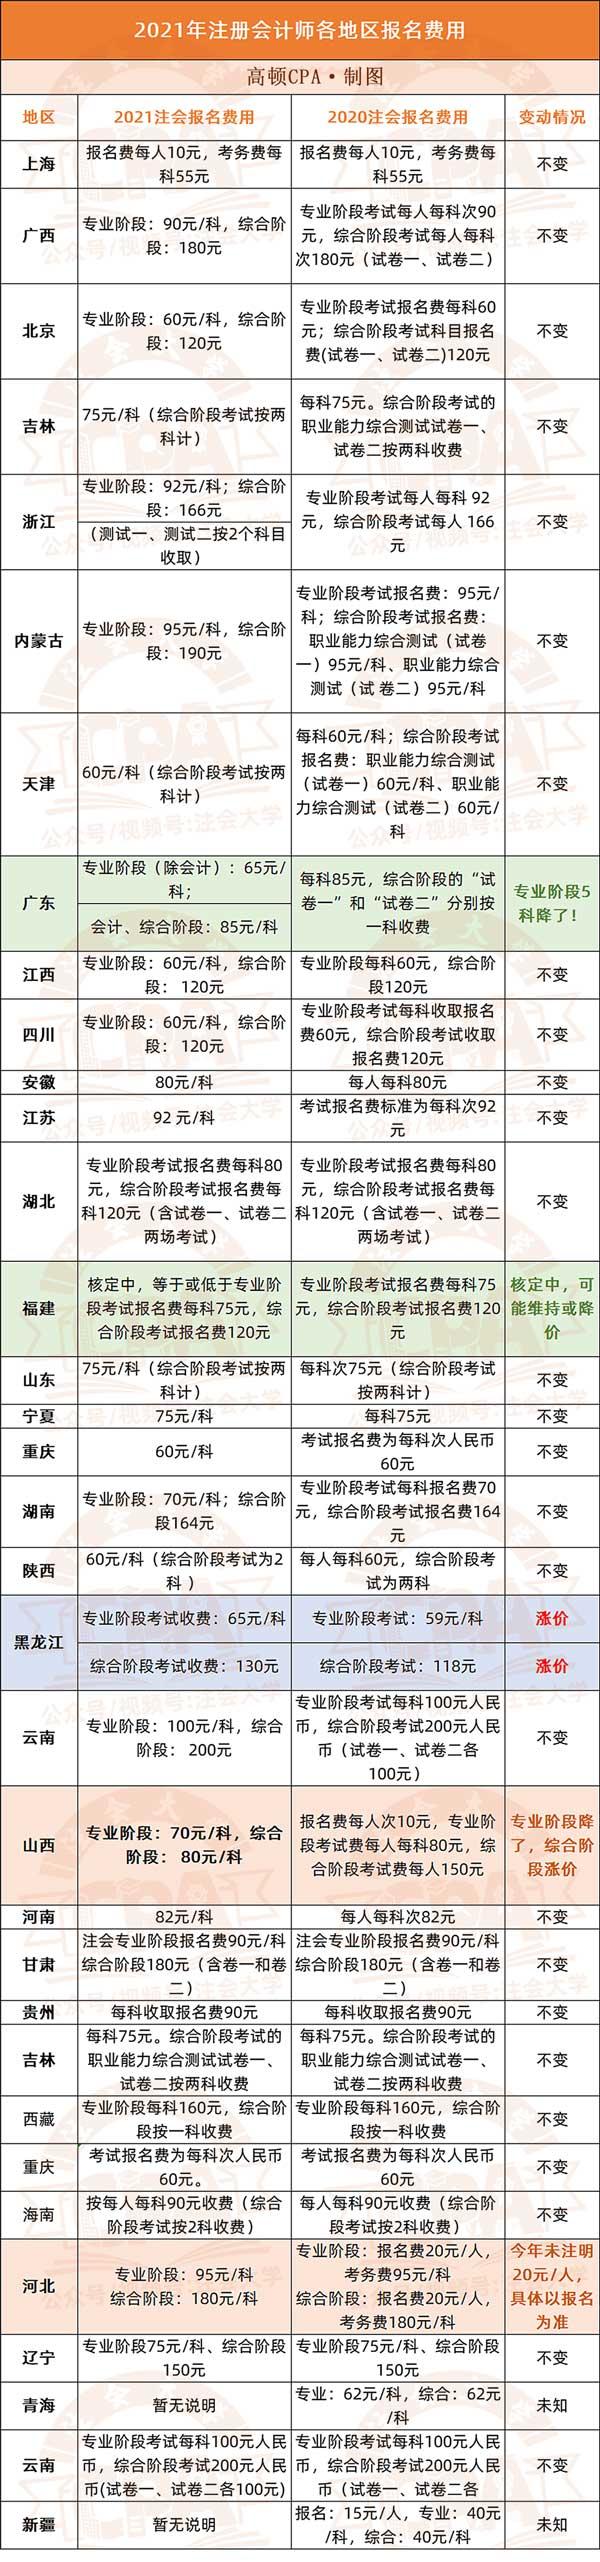 通知:2021年注册会计师报名交费6月15日开始(附CPA报名费用表)!